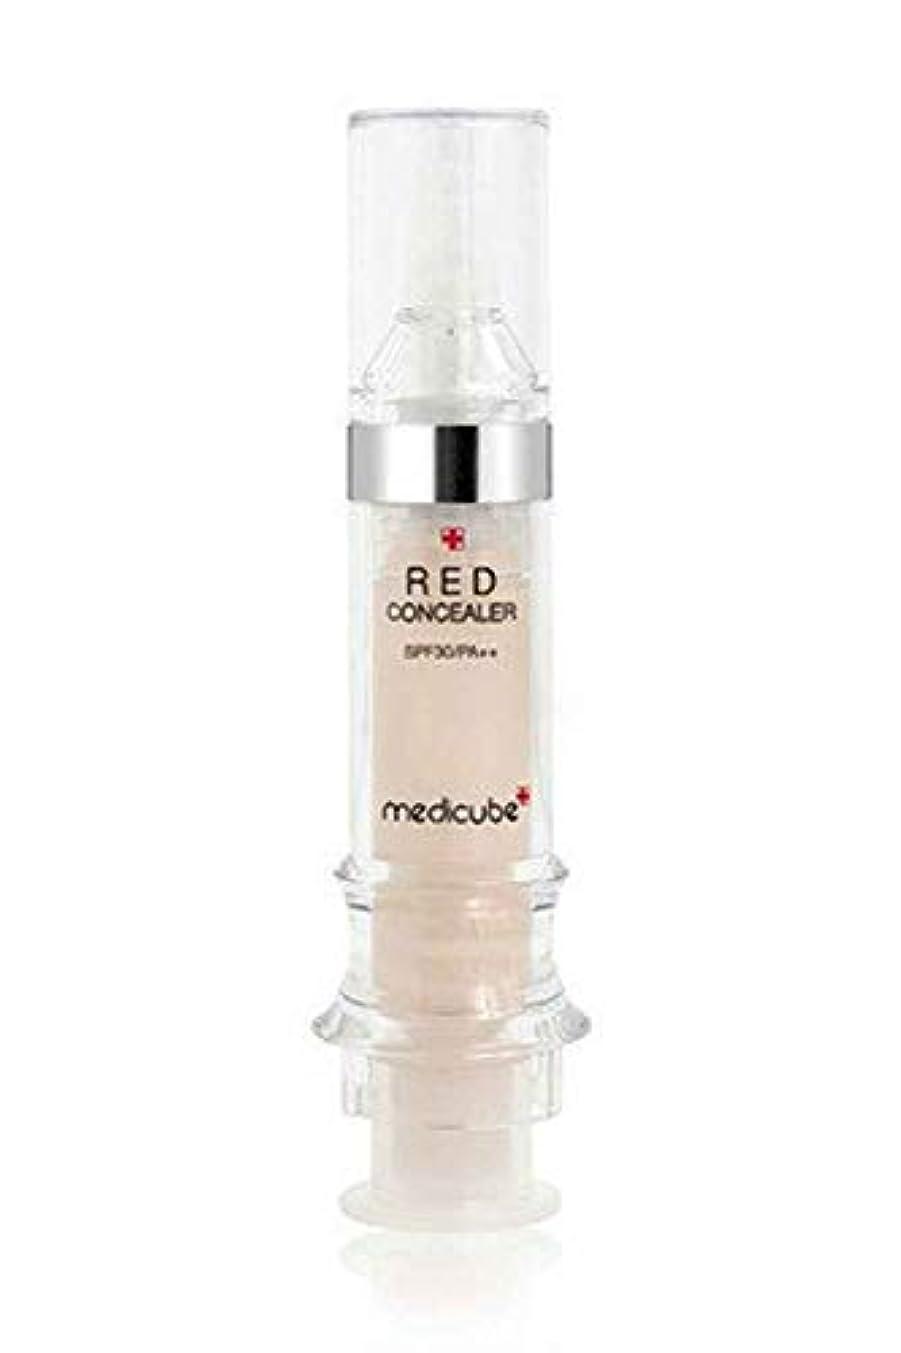 怪しい強盗はねかける[Medicube]Red Red Concealer #21 5.5ml メディキューブ レッドコンシーラー#21 5.5ml [並行輸入品]